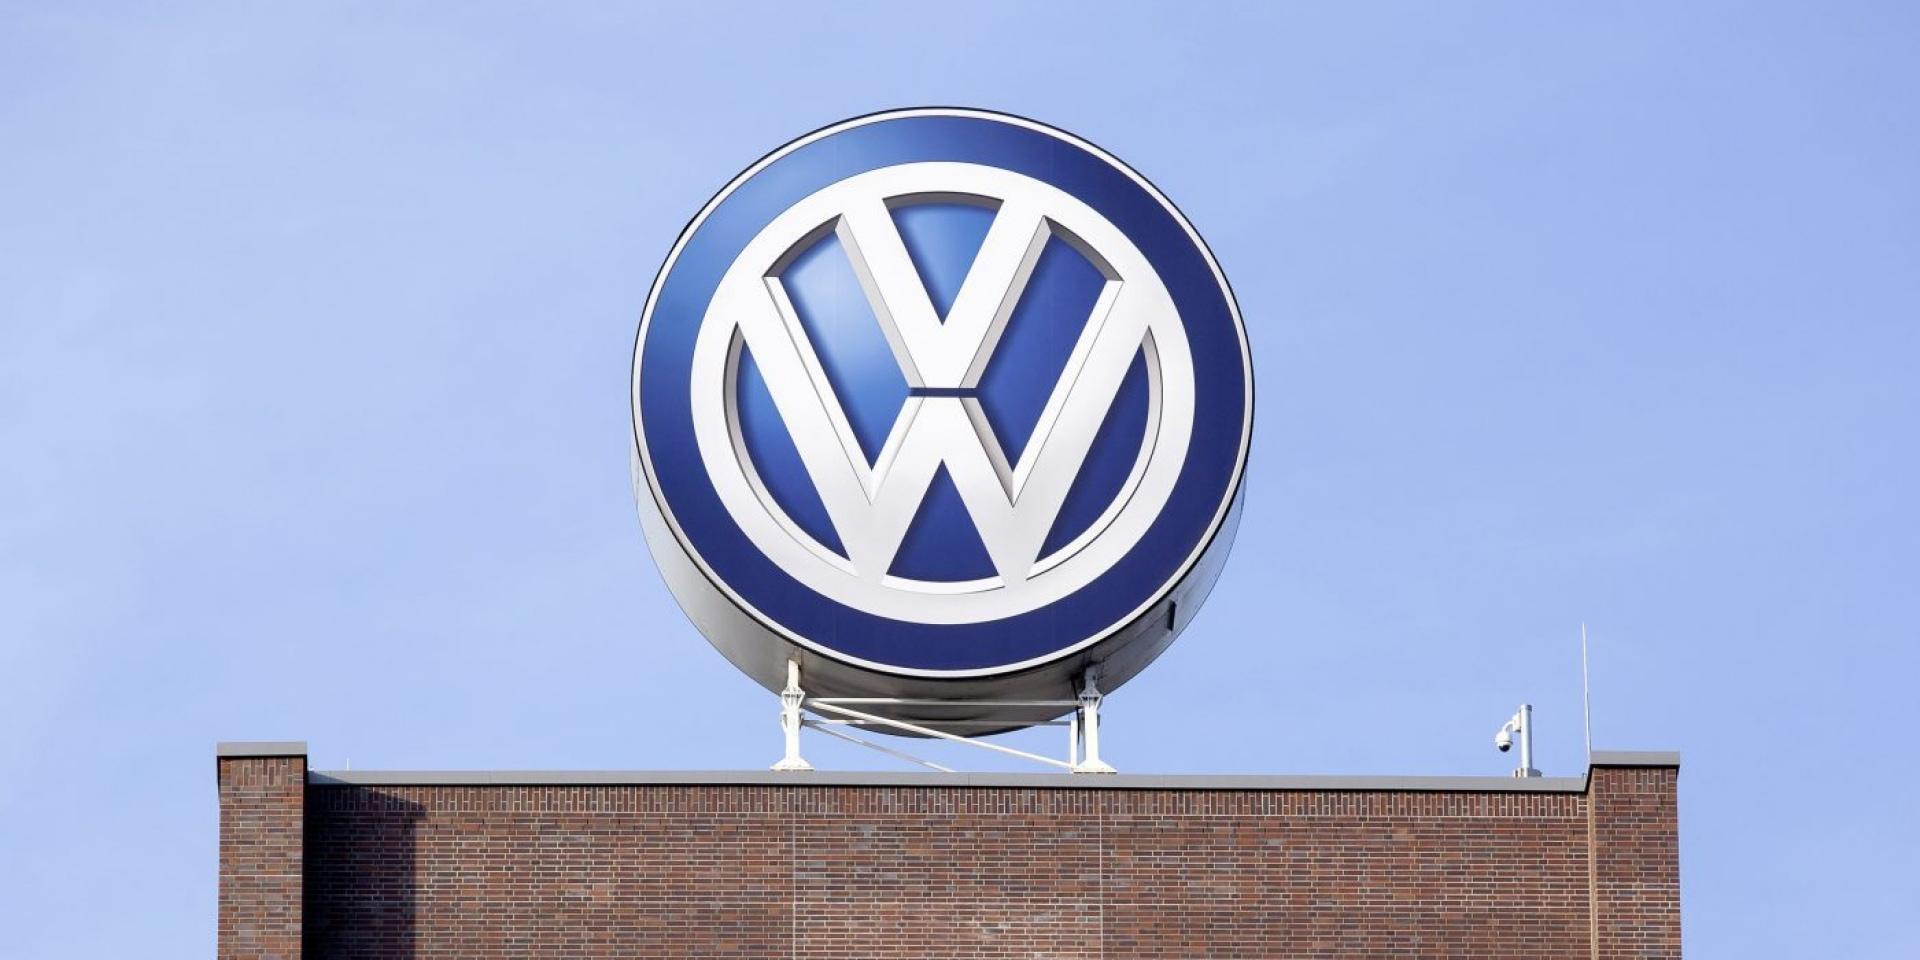 驚人醜聞又一樁!VW將禁止流入市面的測試車出售給消費者